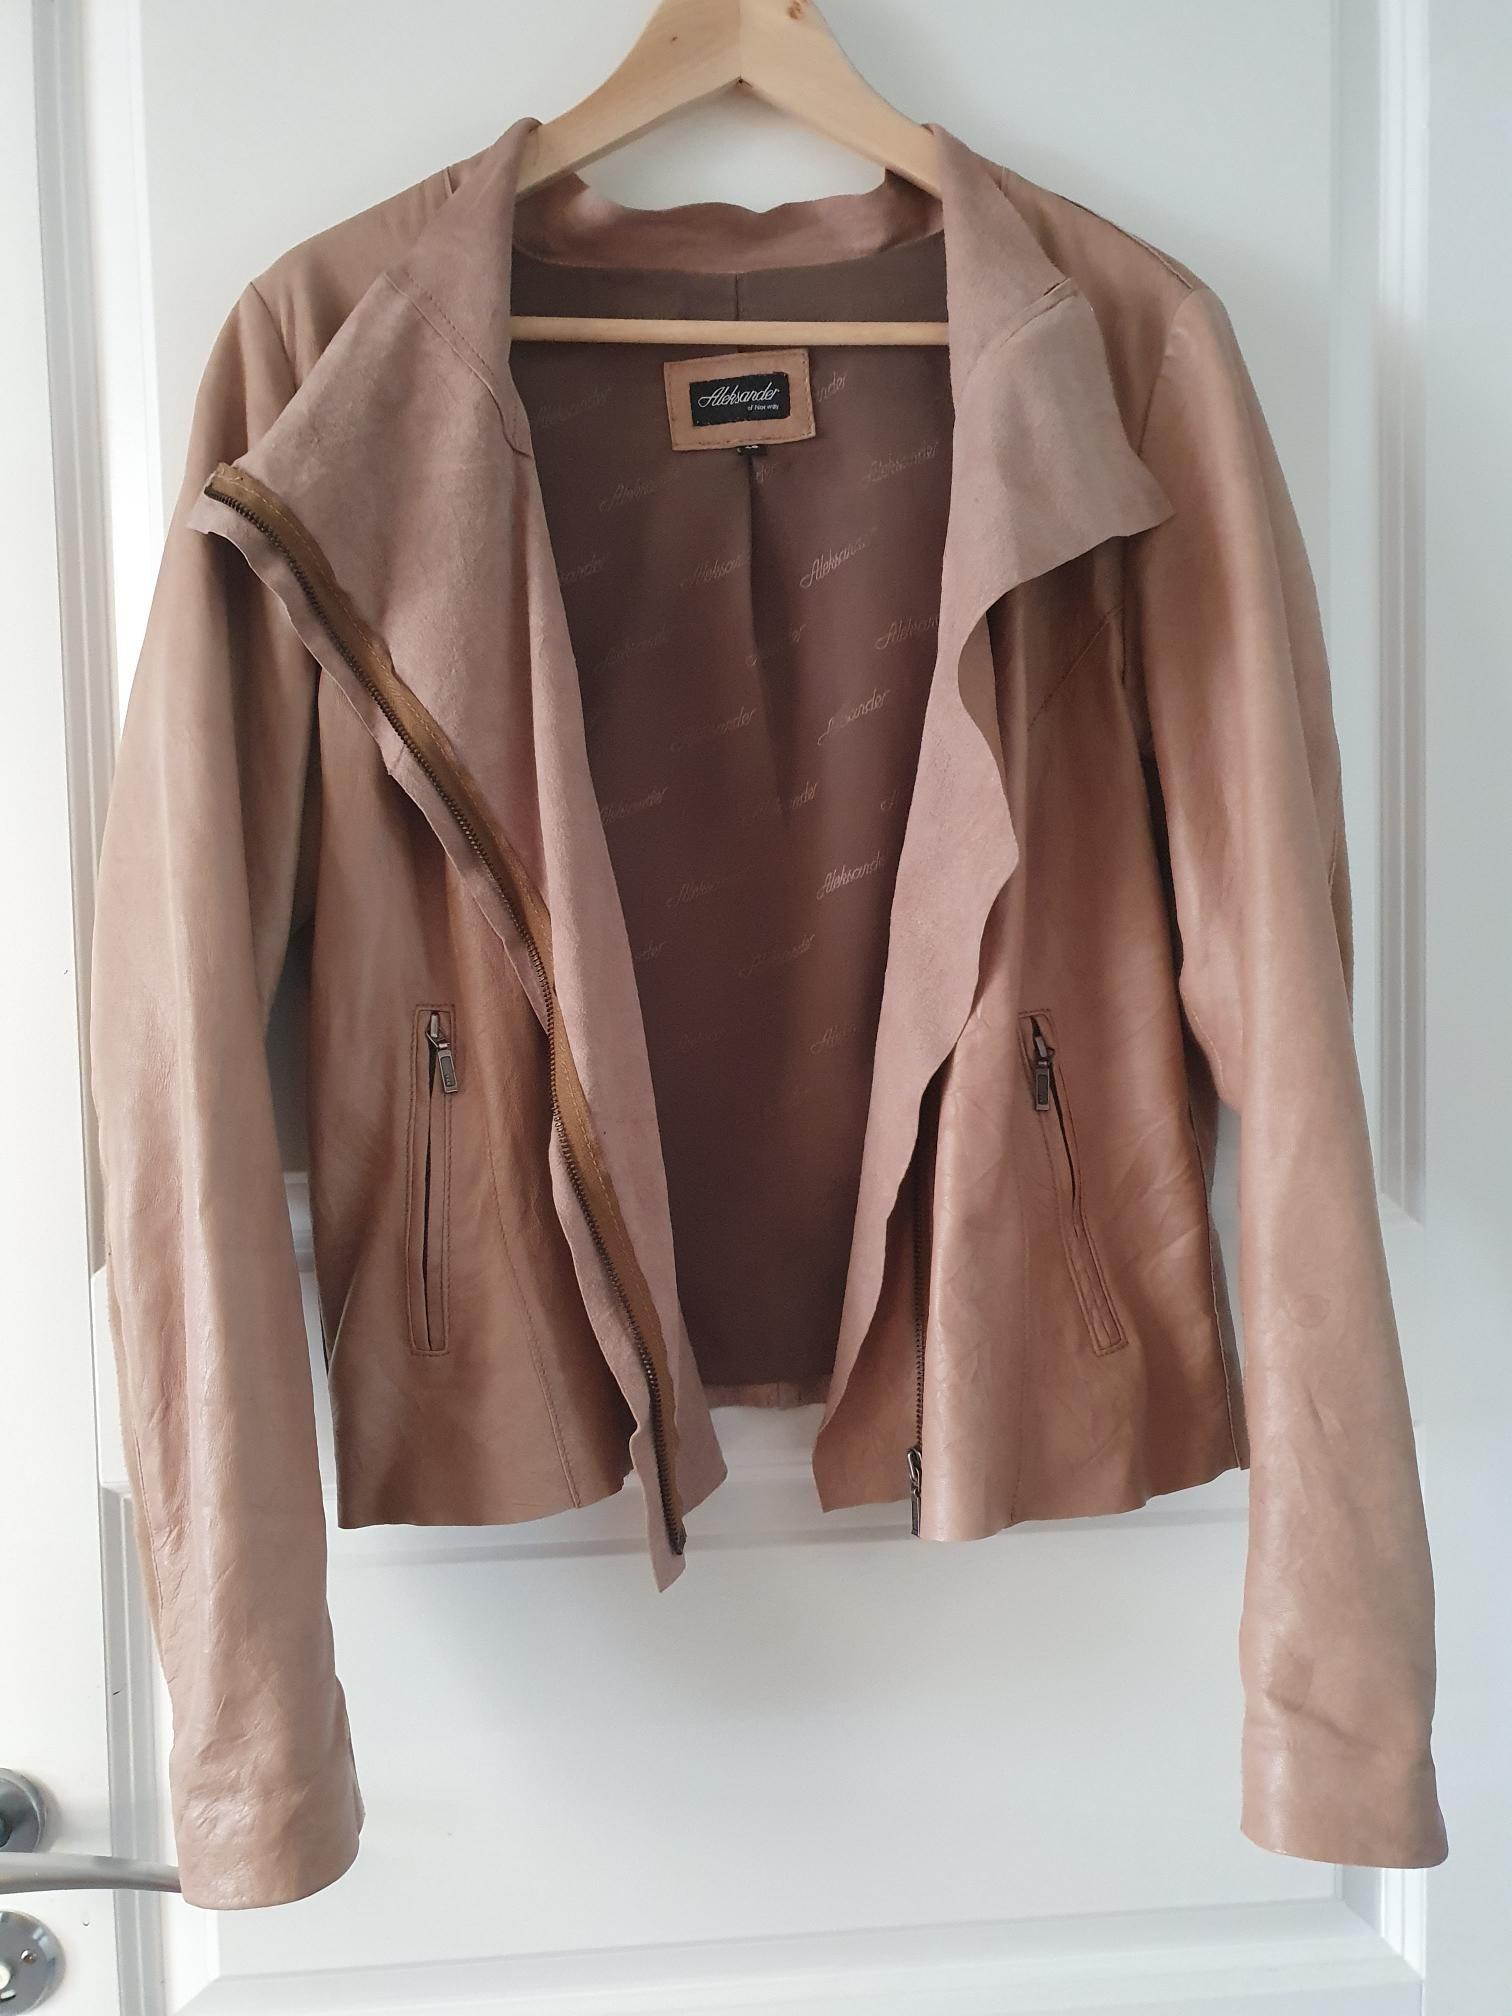 Fin Alexander skinnjakke i mørke brun farge | FINN.no